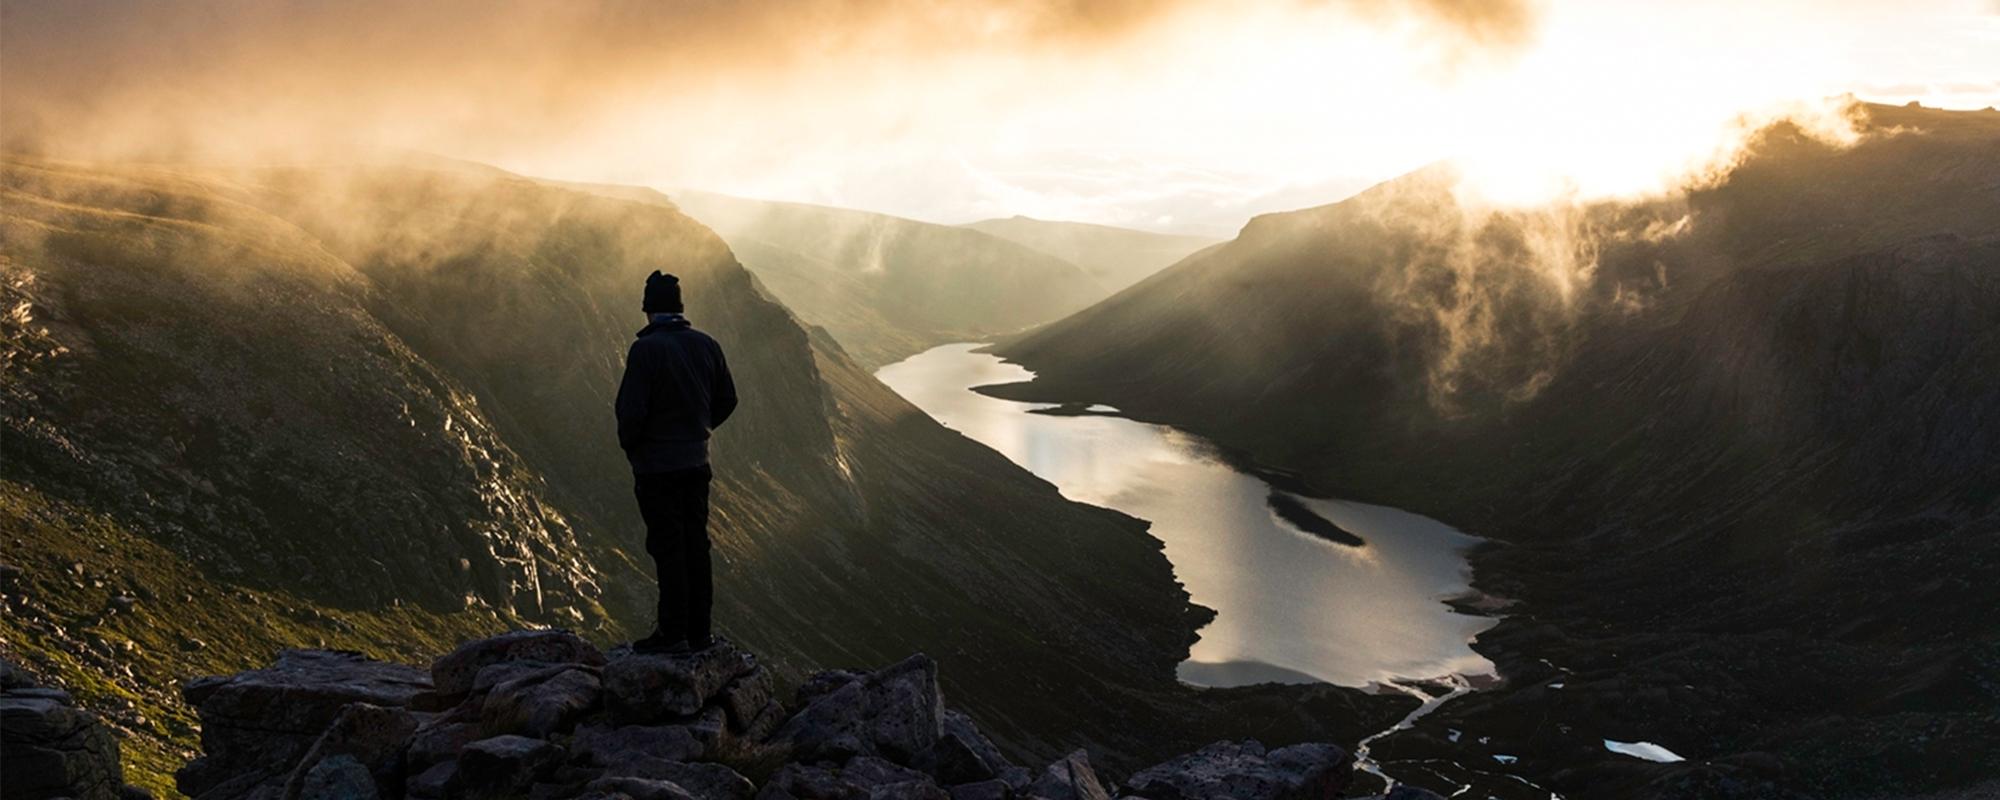 A trekker gazes over Loch Avon in the Cairngorms at sunset